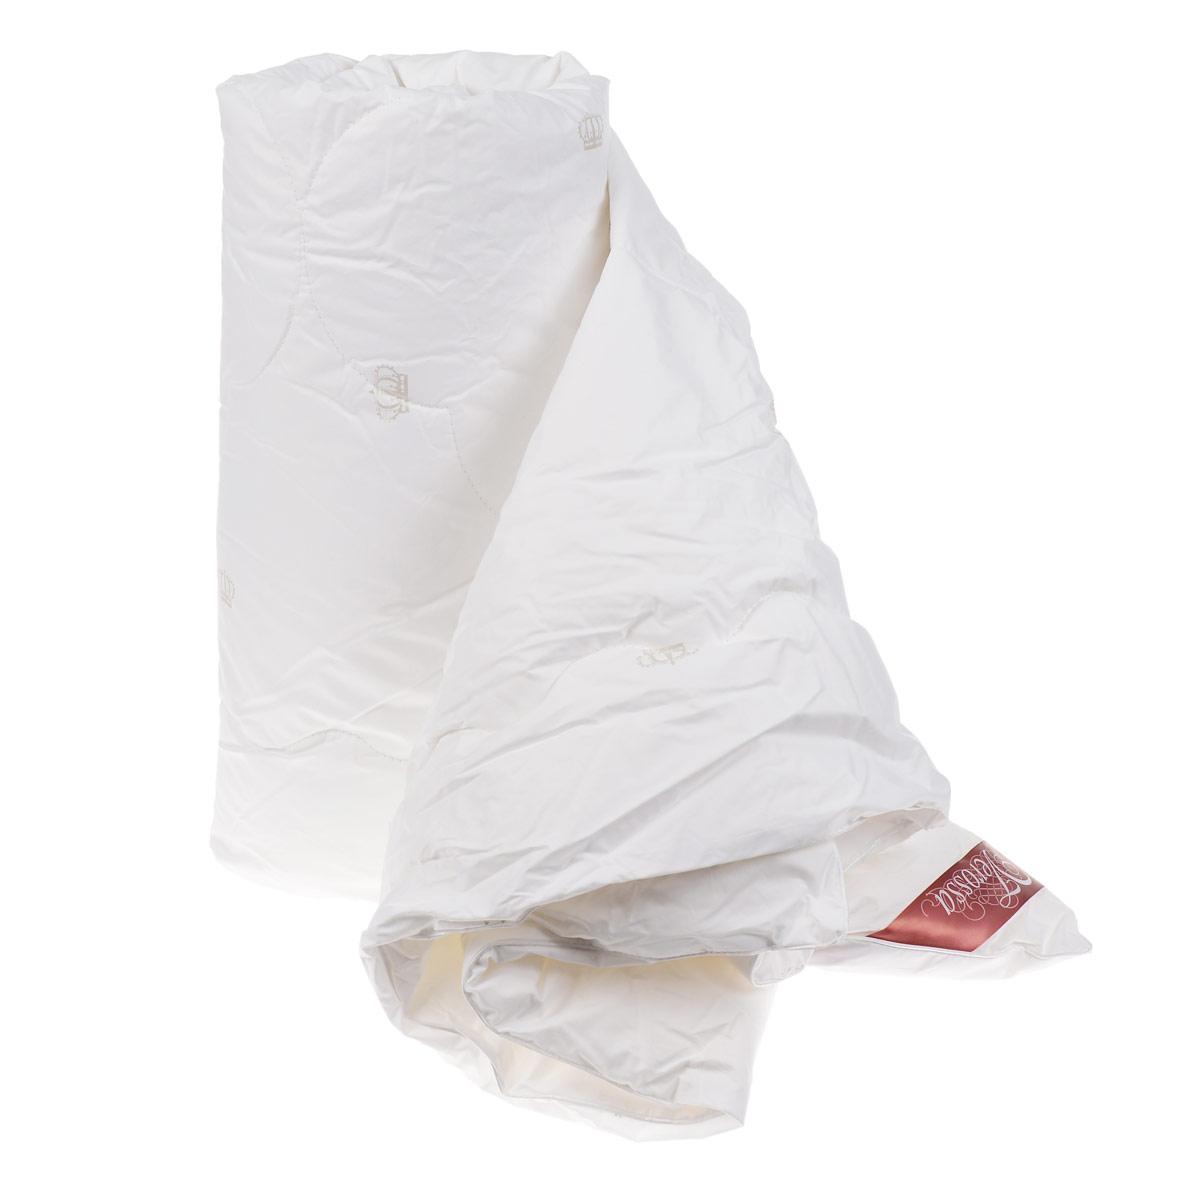 Одеяло Verossa, наполнитель: лебяжий пух, цвет: белый, 200 см х 220 см157824Одеяло Verossa - стильная и комфортная постельная принадлежность, которая подарит уют и позволит окунуться в здоровый и спокойный сон. Чехол одеяла выполнен из перкаля пуходержащего (100% хлопка). Внутри - наполнитель из искусственного лебяжьего пуха, который является аналогом натурального пуха и представляет собой сверхтонкое волокно нового поколения. Благодаря этому одеяло очень мягкое и легкое, не накапливает пыль и запахи. Важным преимуществом является гипоаллергенность наполнителя, поэтому одеяло отлично подходит как взрослым, так и детям. Легкое и объемное, оно имеет среднюю степень теплоты и отличную терморегуляцию: под ним будет тепло зимой и не жарко летом. Рекомендации по уходу: - Можно стирать в стиральной машине при температуре не выше 30°С. - Не отбеливать. - Не гладить. - Нельзя отжимать и сушить в стиральной машине. - Химчистка с мягким растворителем. - Сушить вертикально. Материал чехла:...